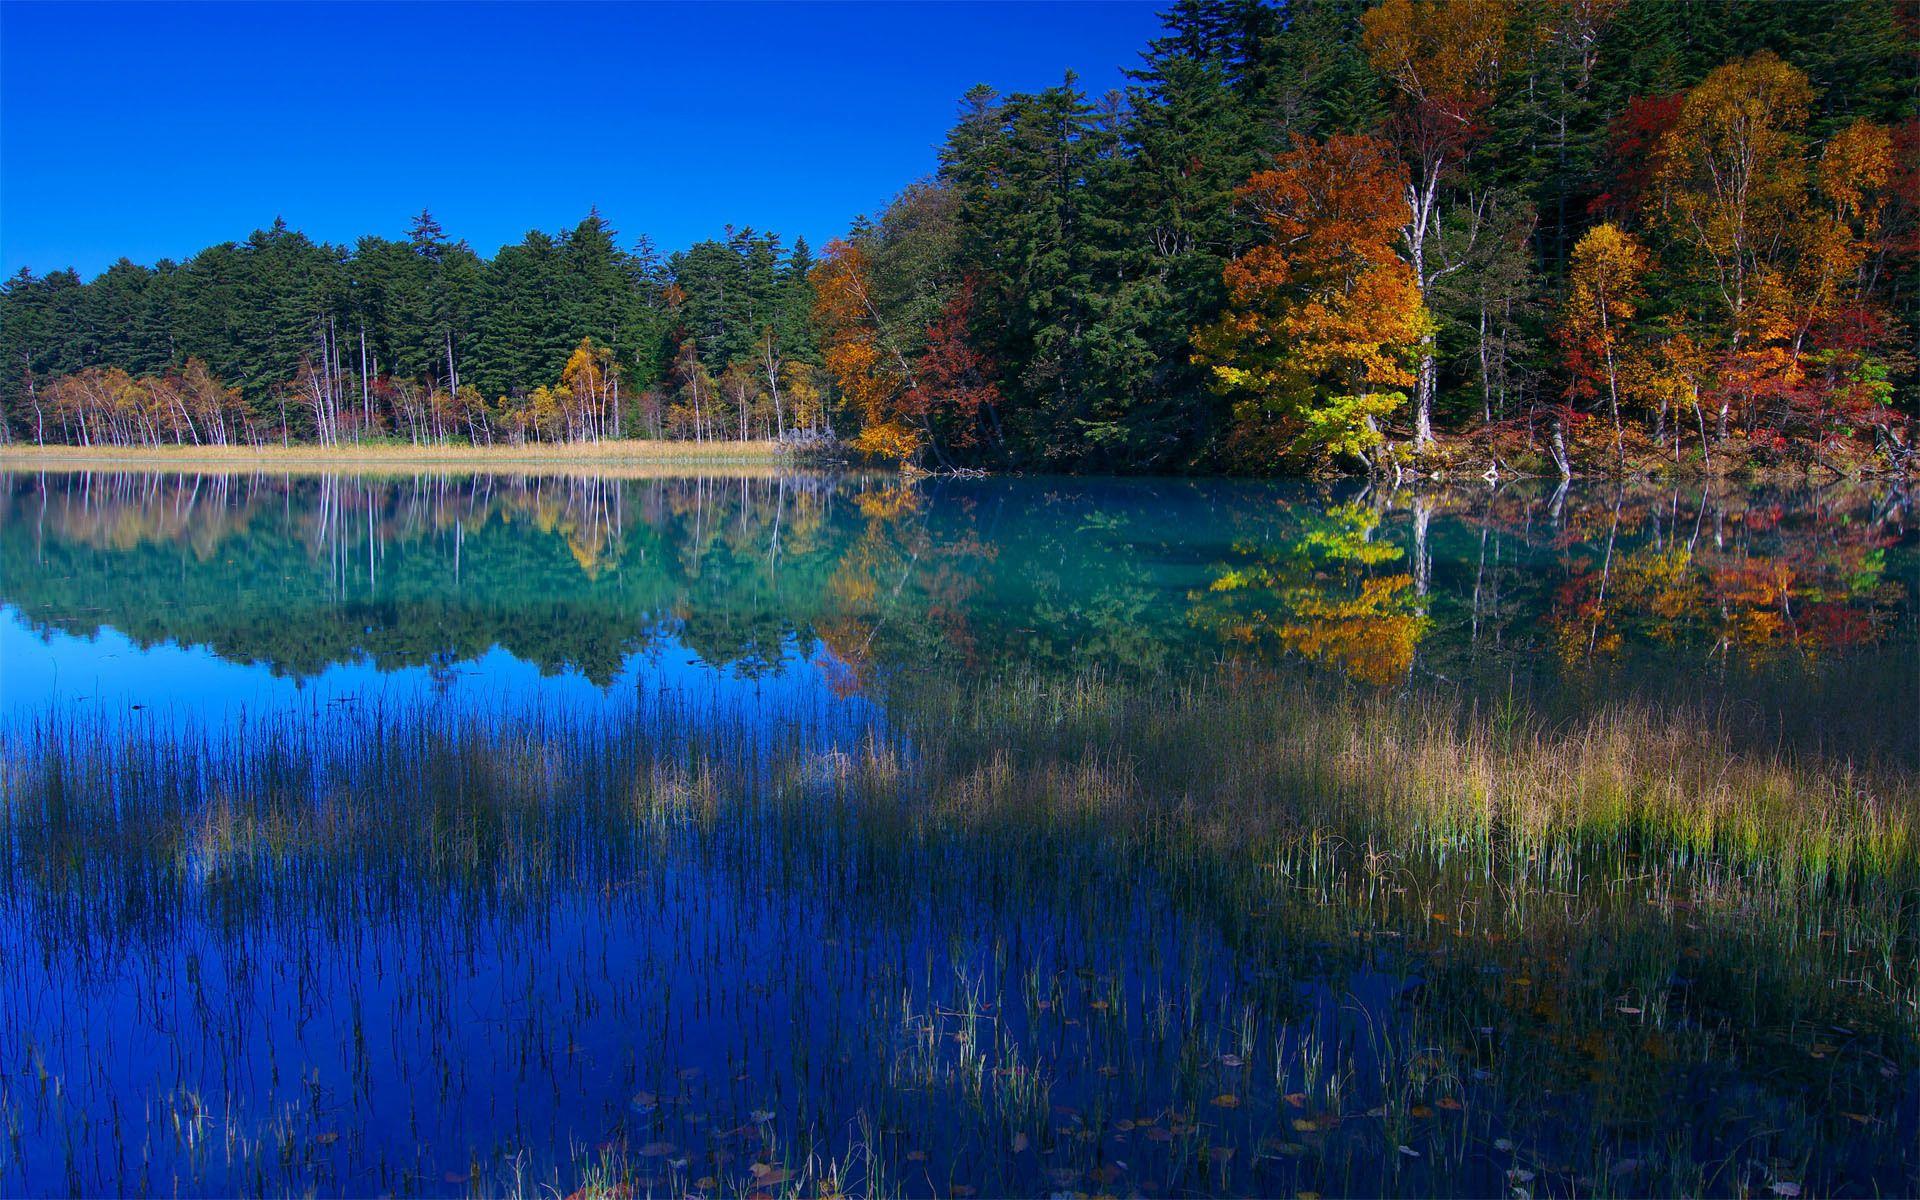 136258 скачать обои Природа, Вода, Деревья, Трава, Небо, Озеро, Отражение, Берег, Голубой, Сентябрь - заставки и картинки бесплатно